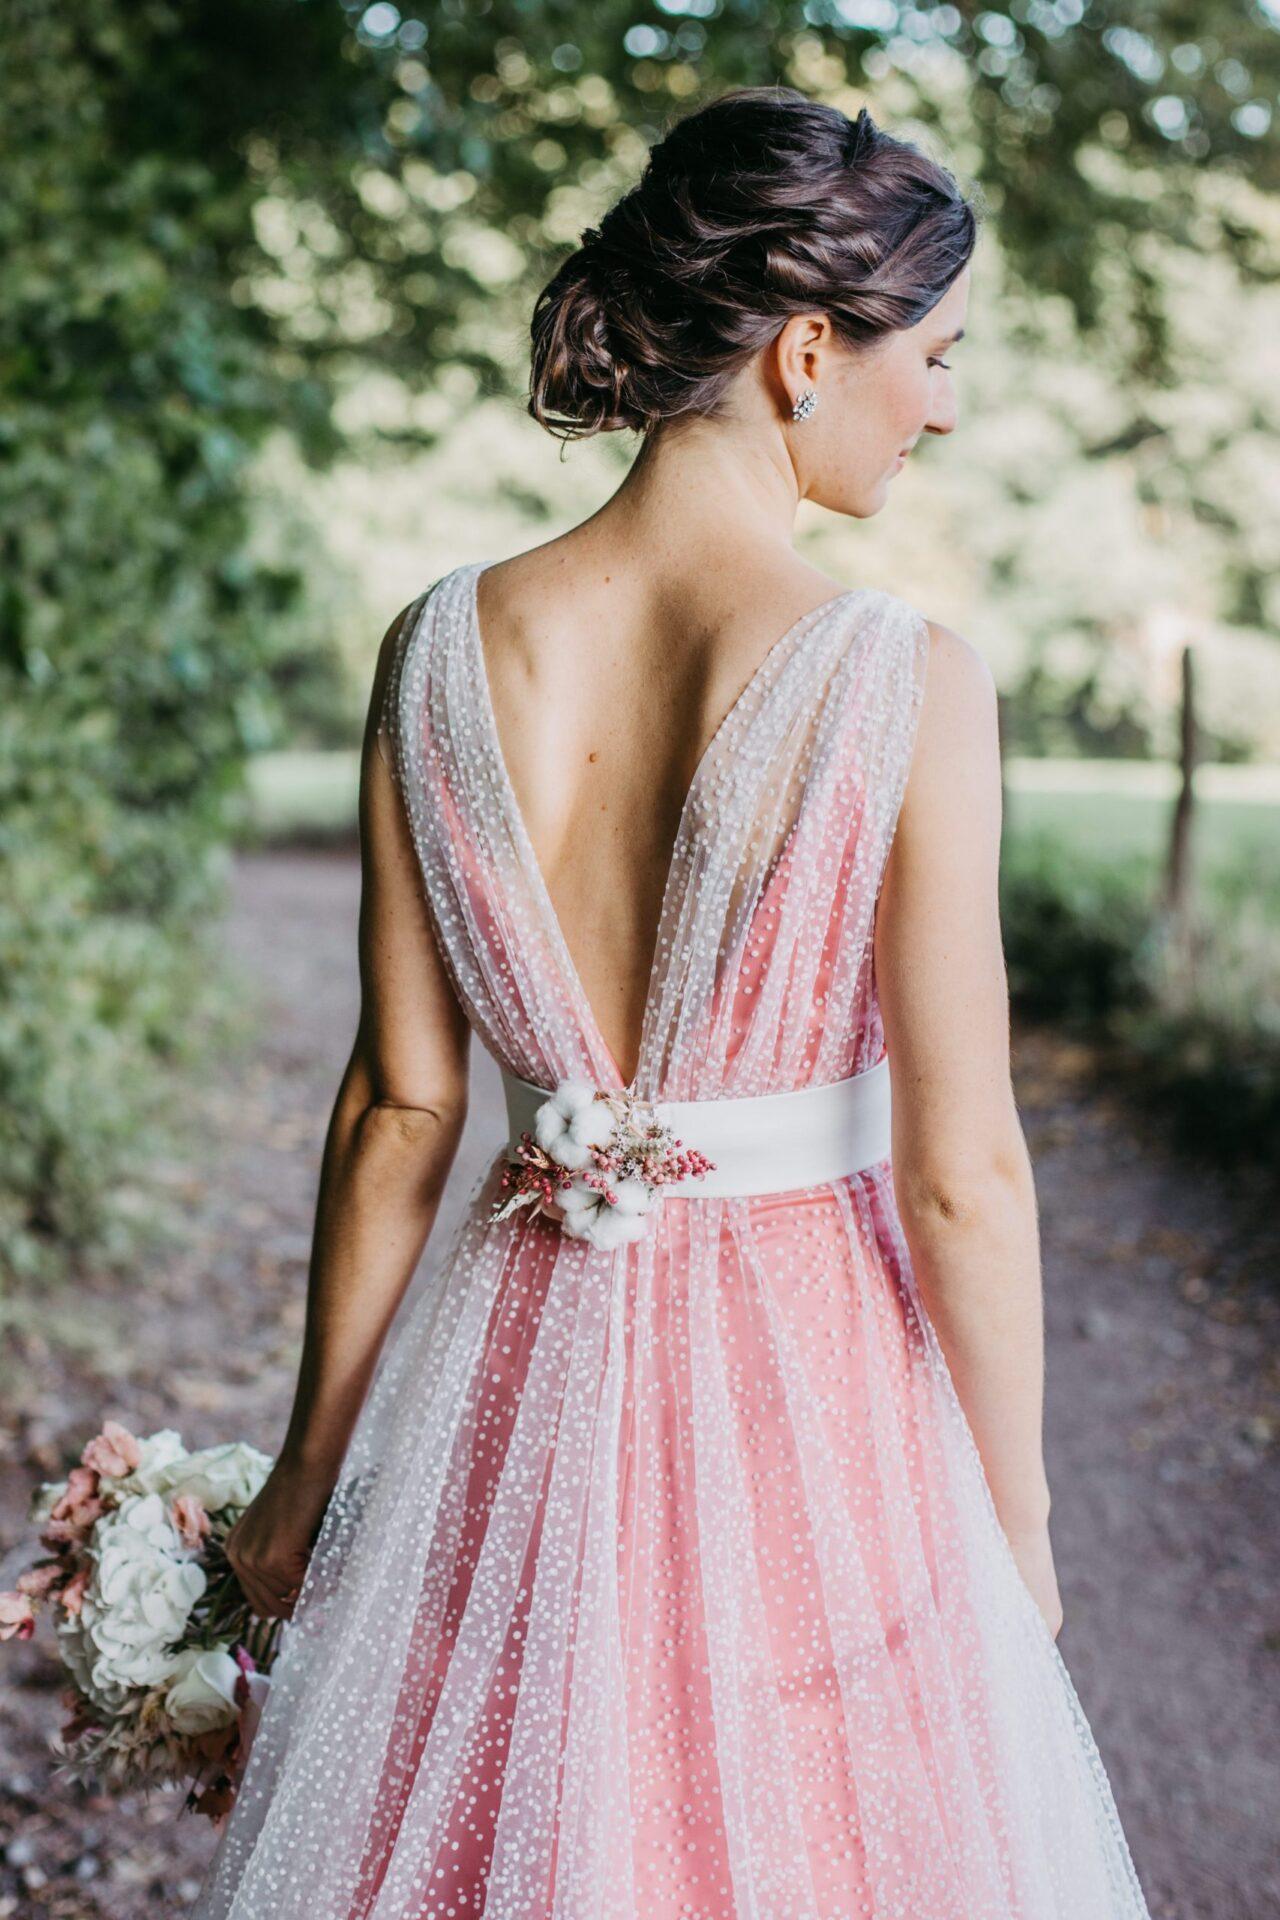 Rückenansicht Braut Frauke mit Blumendetails im Rücken